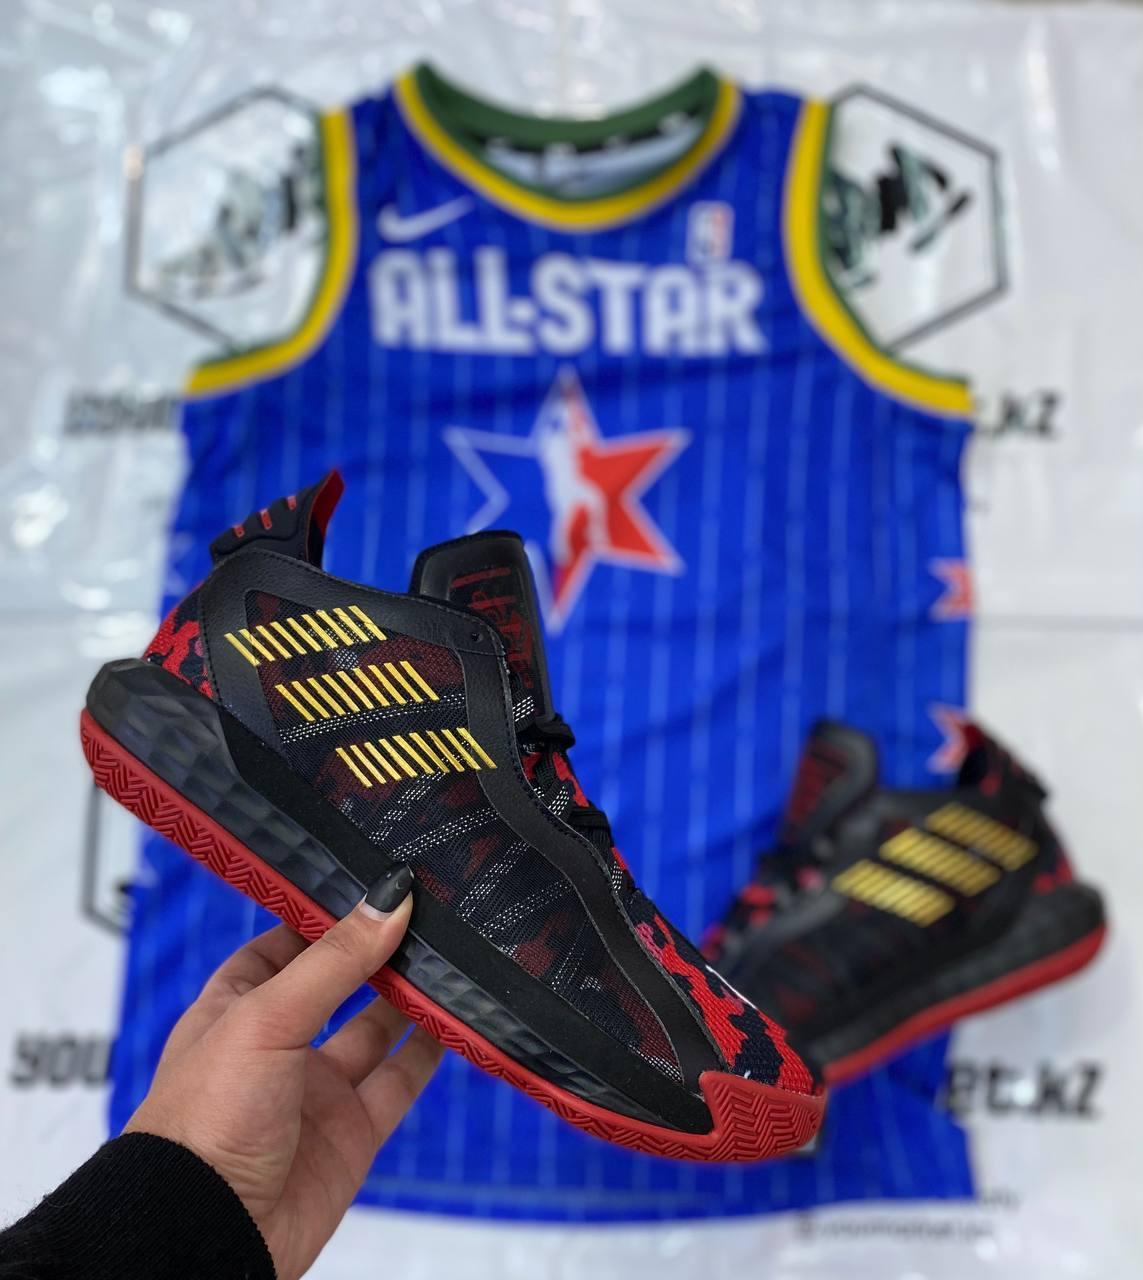 Баскетбольные кроссовки Adidas Dame 6 (VI)  from Damian Lillard